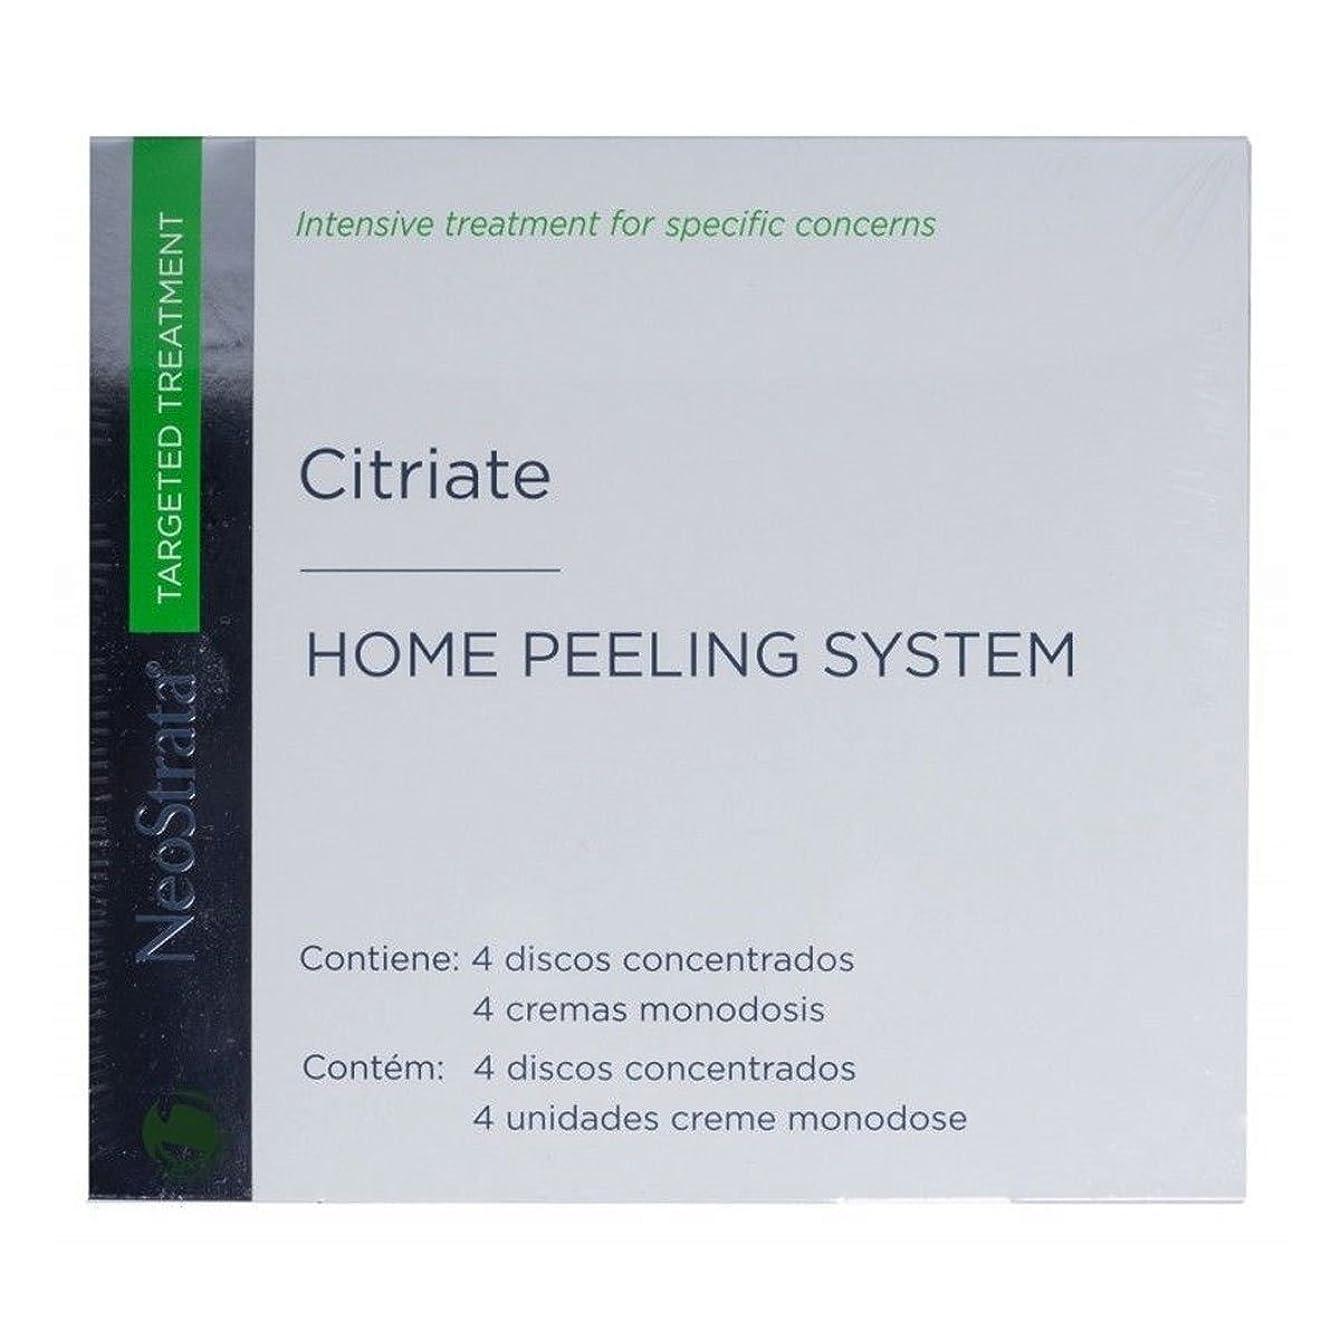 慰め活性化言い直すNeostrata Home Peeling System 4monodosis [並行輸入品]